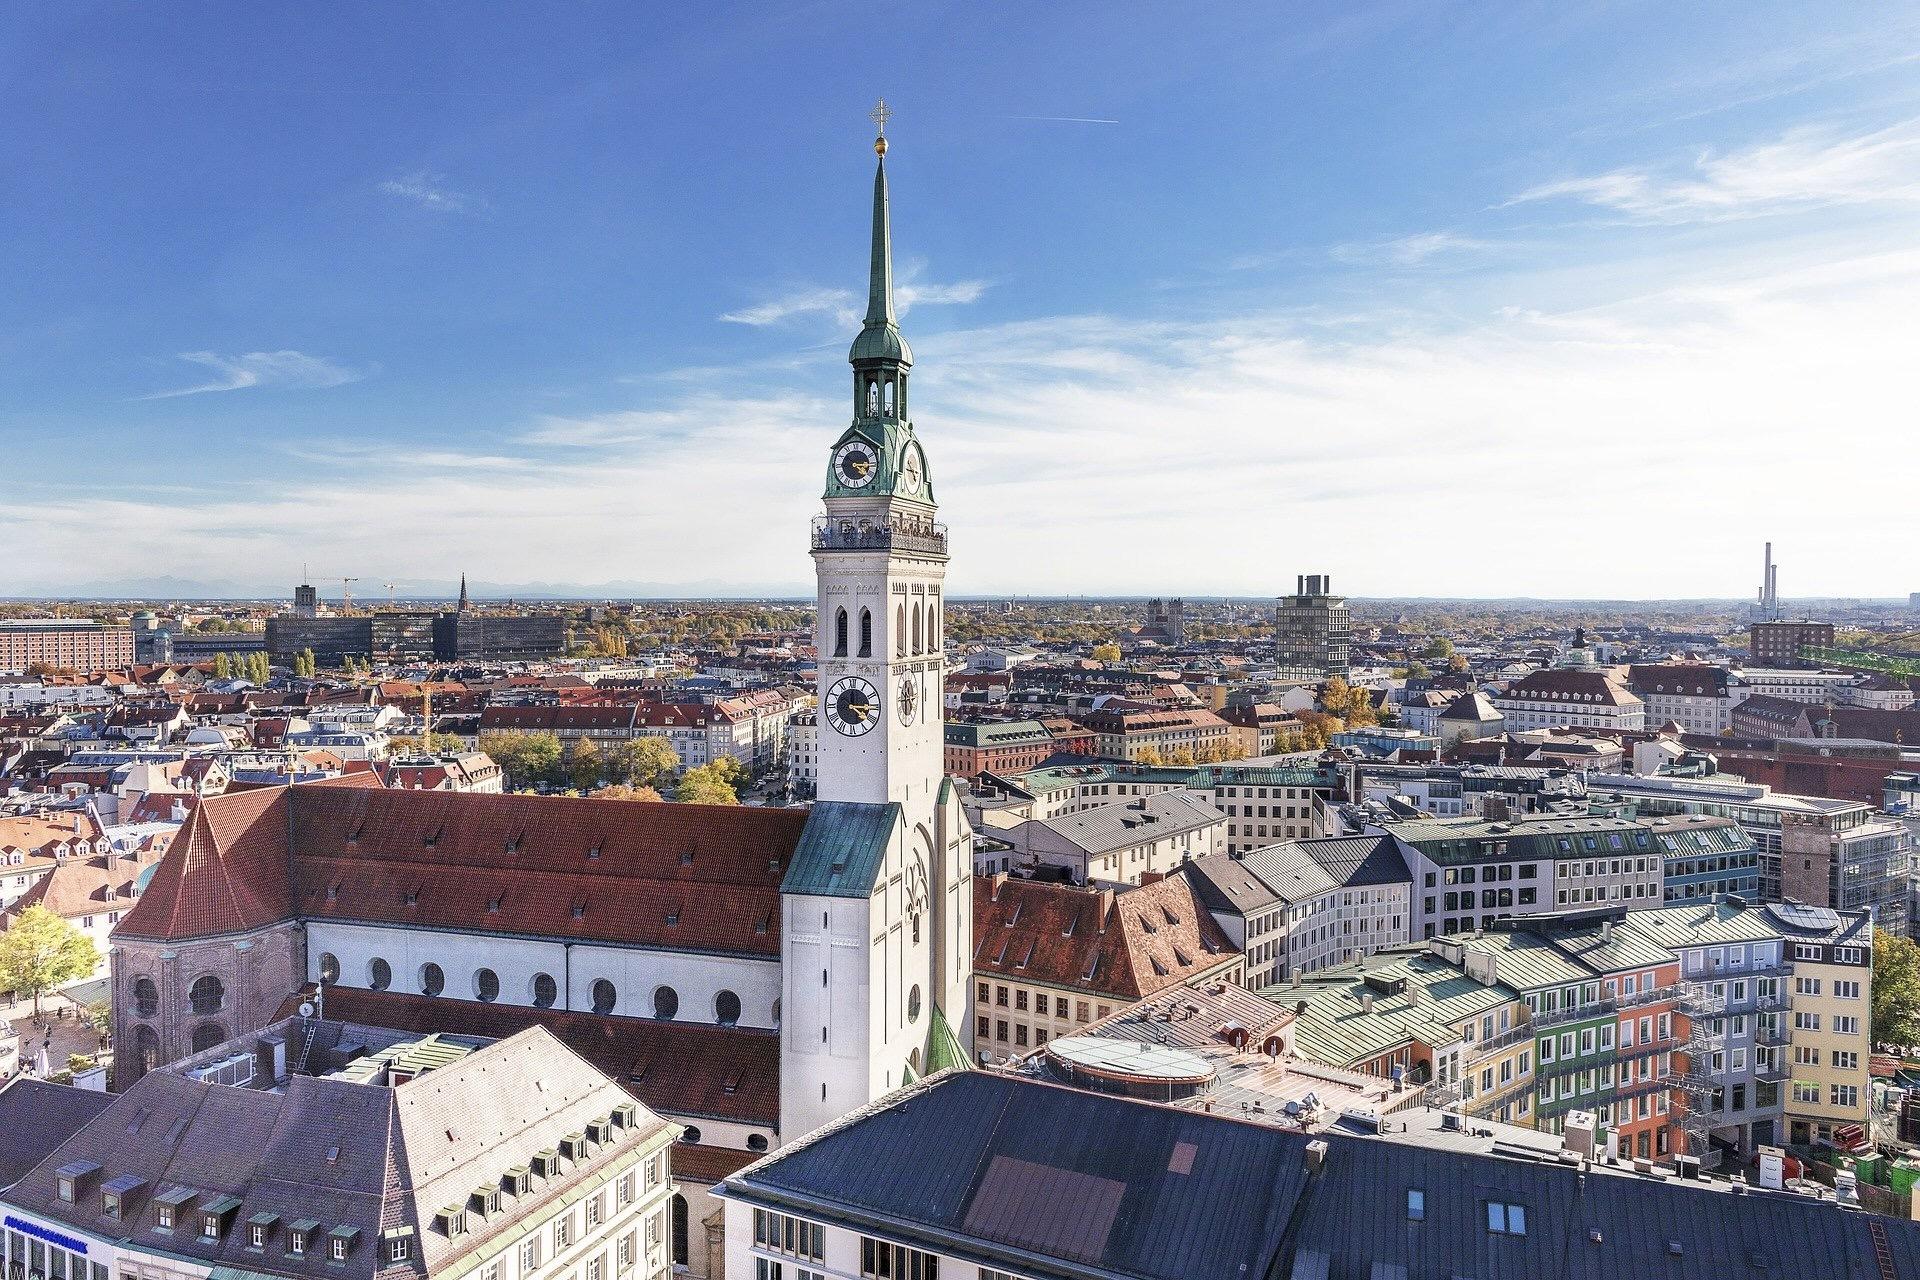 Der Alte Peter ist eine Kirche mit dem besten Ausblick auf München